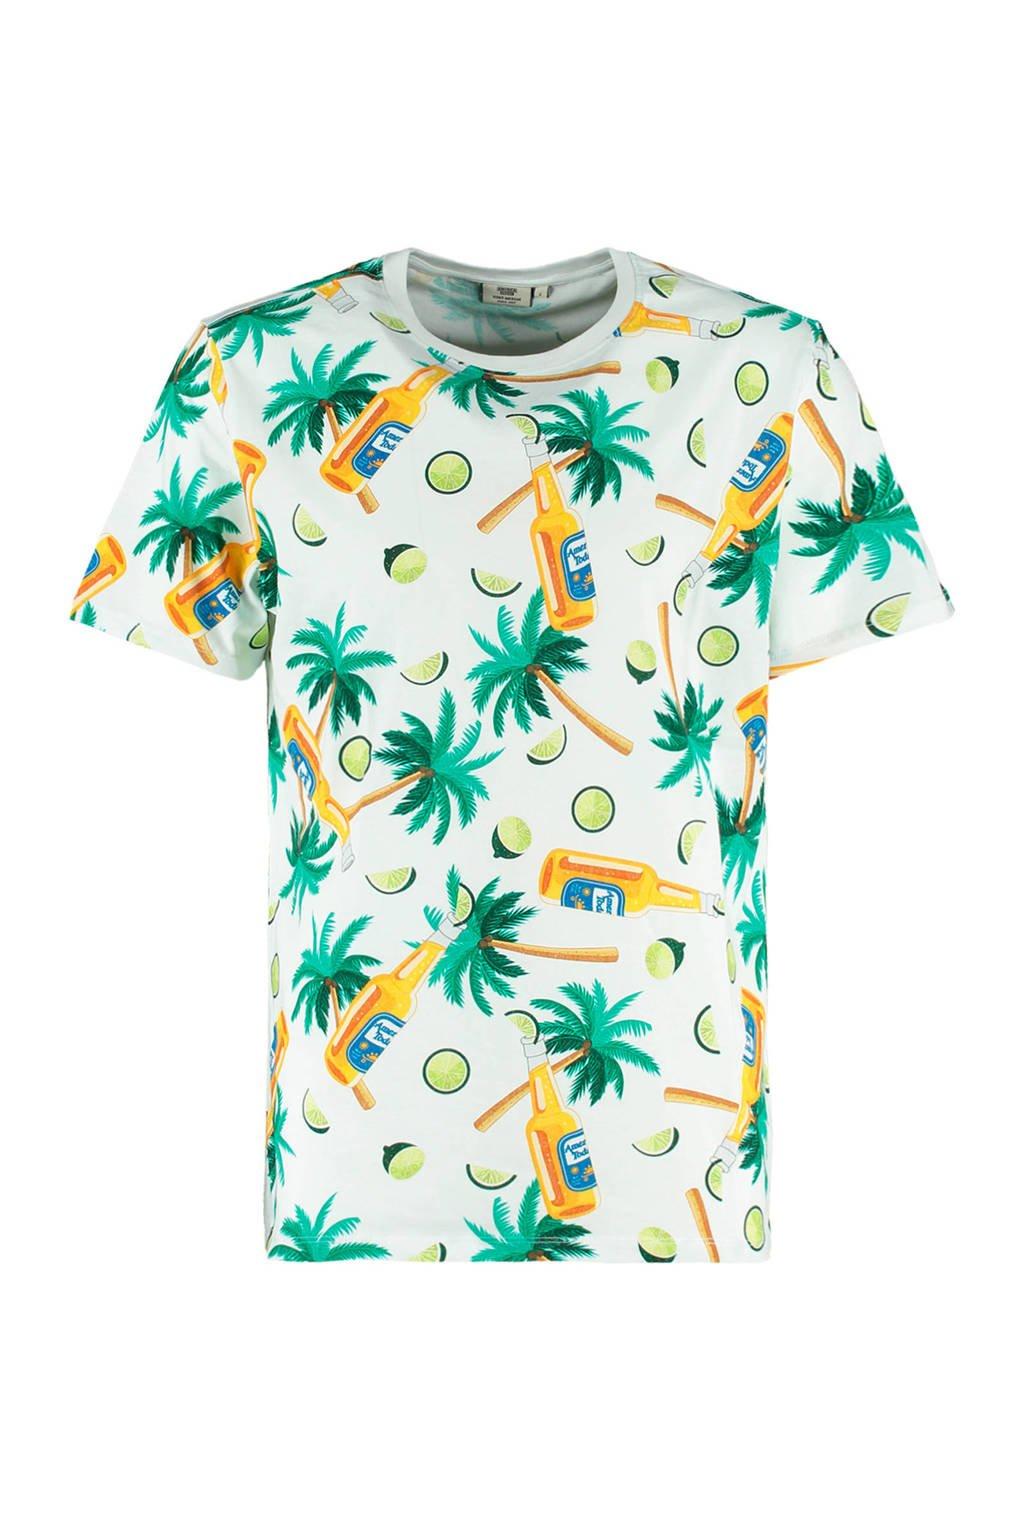 America Today T-shirt Erwin van biologisch katoen wit/groen, Wit/groen